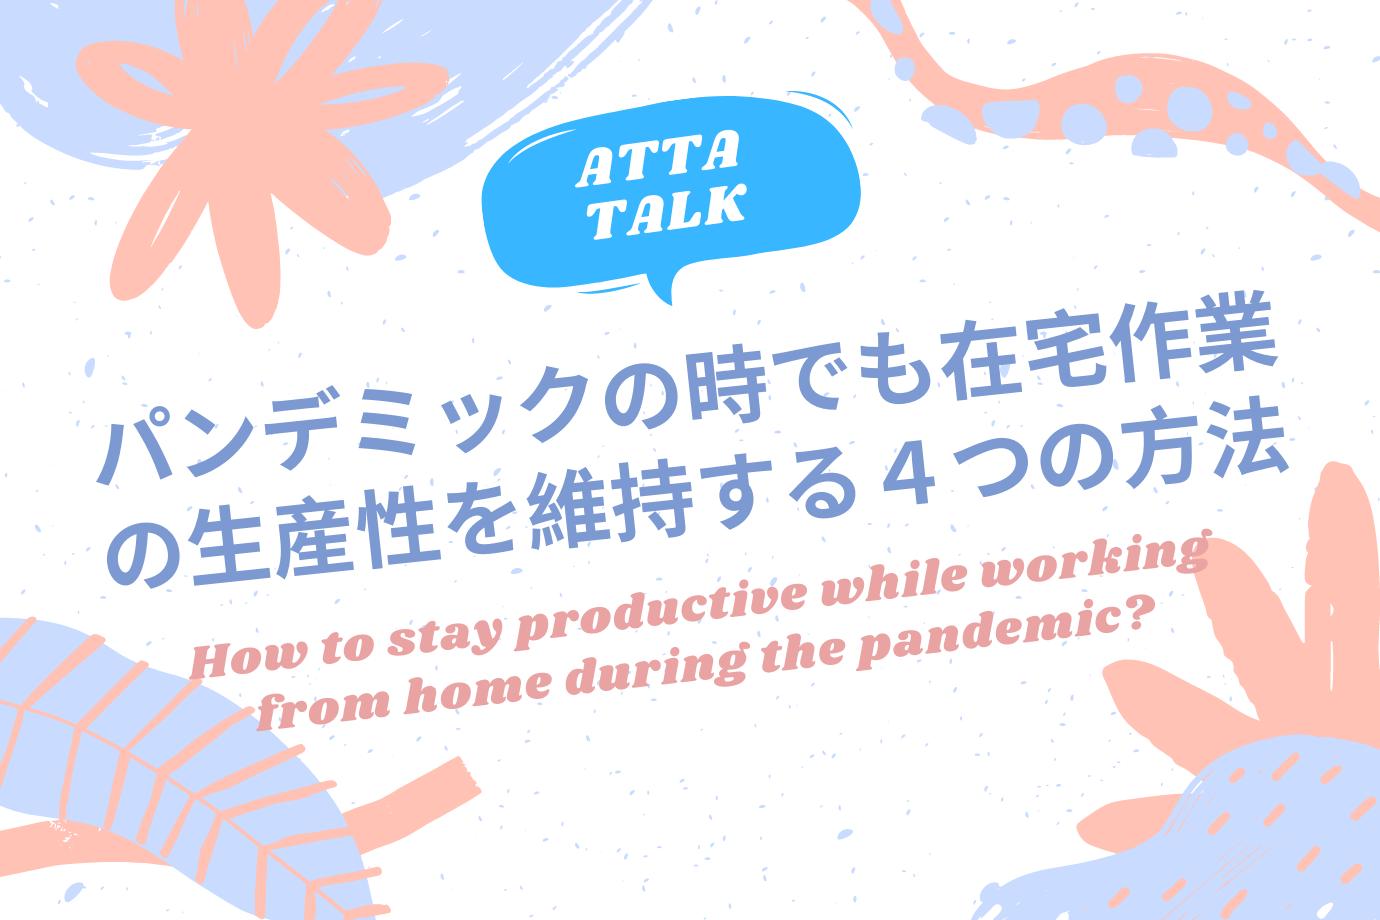 パンデミックの時でも在宅作業の生産性を維持する4つの方法 How to stay productive while working from home during the pandemic?